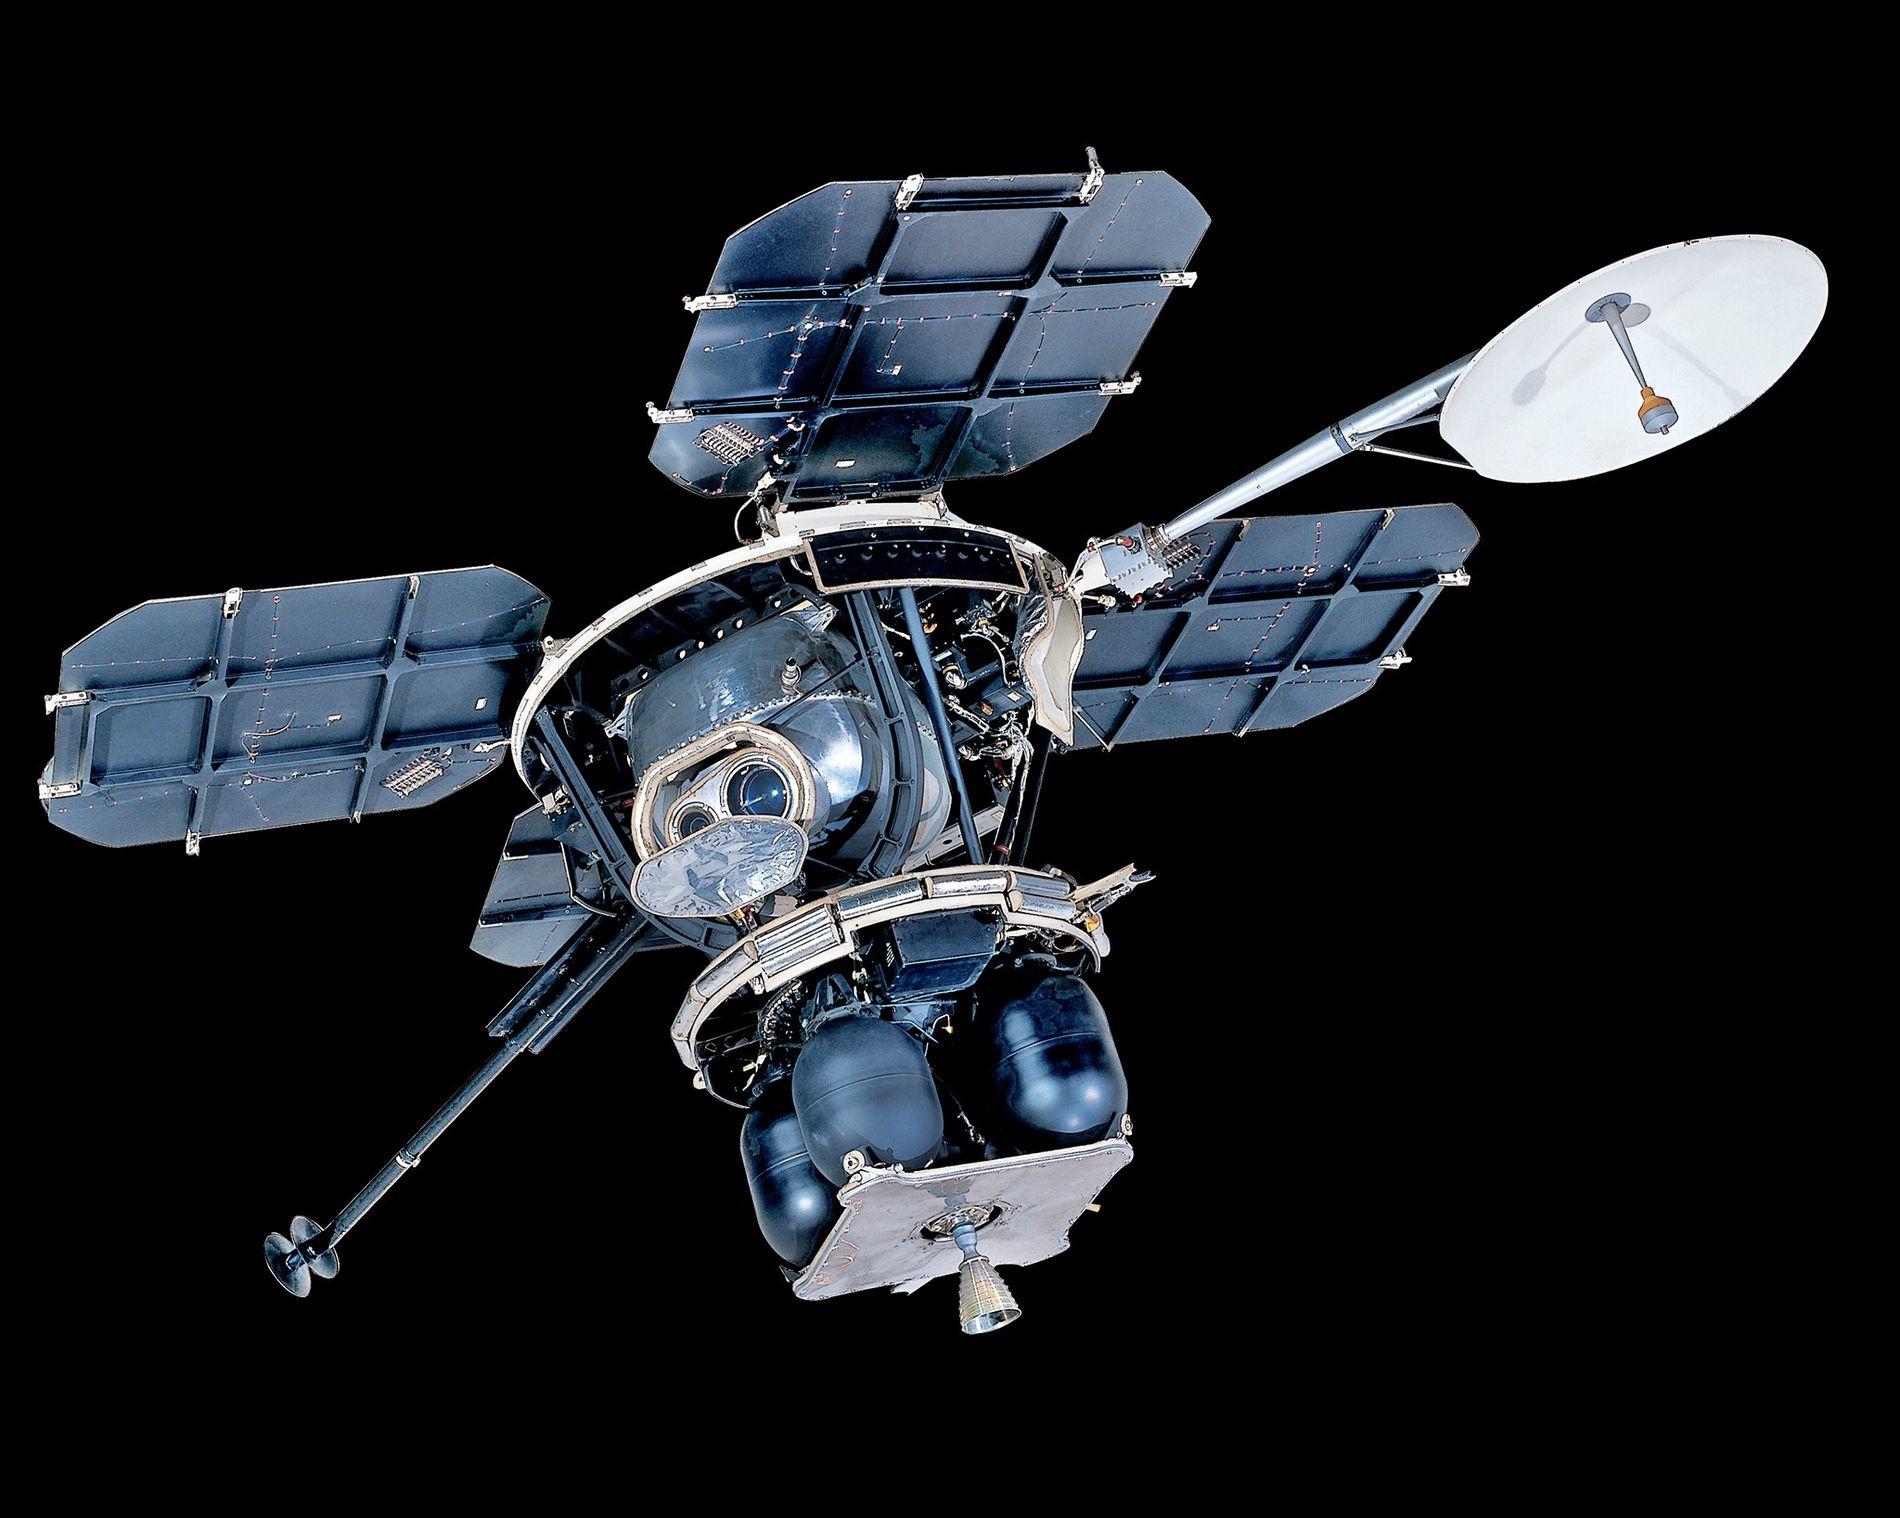 Además de las imágenes de los futuros lugares de aterrizaje de la Apolo, los Lunar Orbiters nos dieron muchas fotografías sobrecogedoras, como características de la cara oculta de la luna o datos sobre la radiación lunar y su entorno de gravedad.